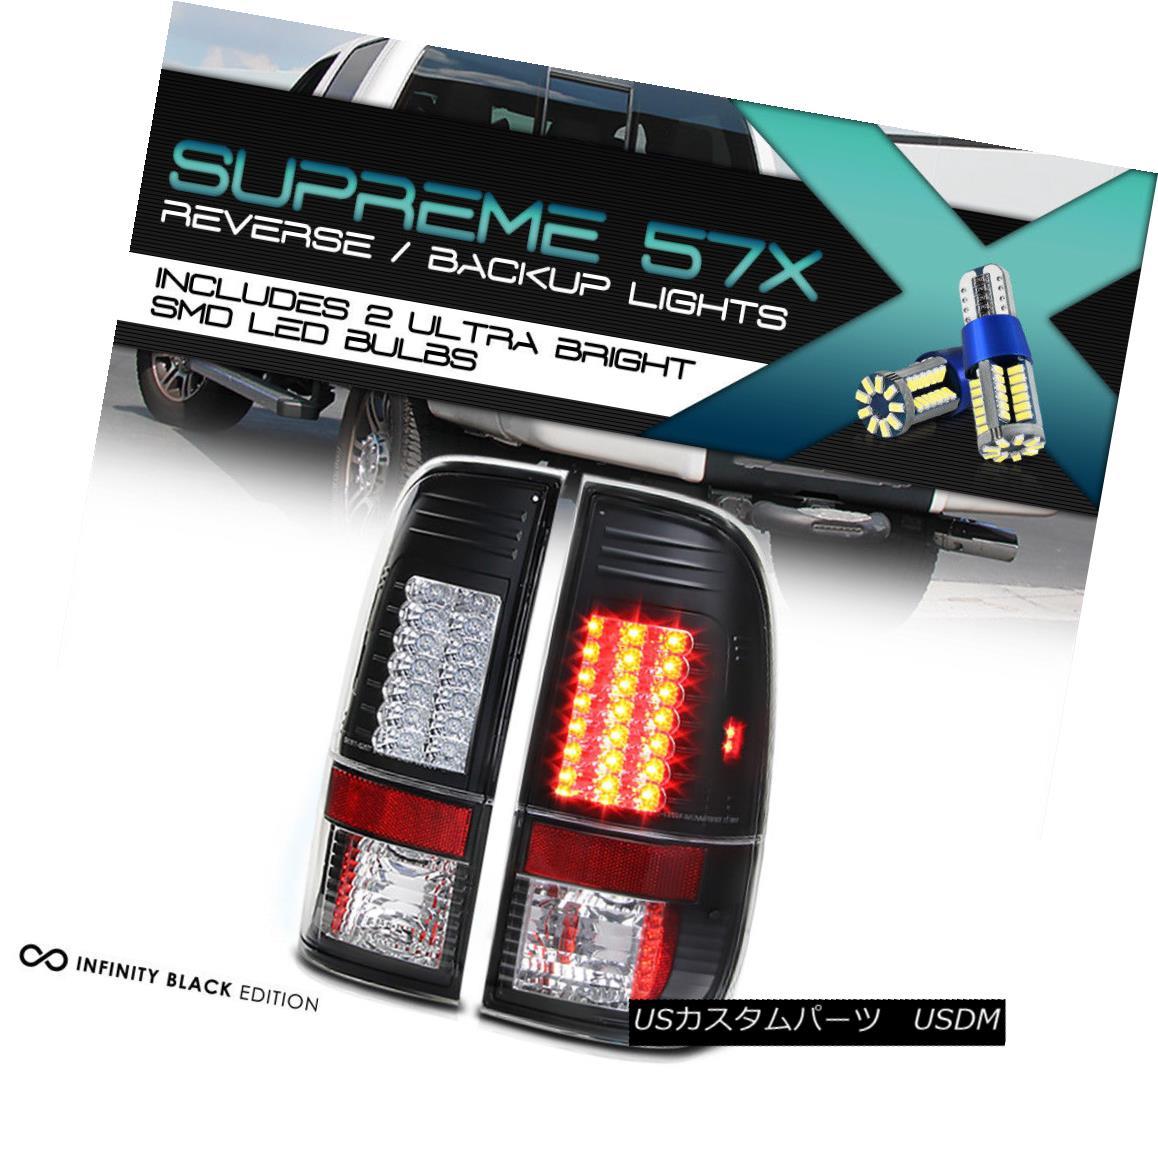 テールライト 360 DEGREE SMD BACKUP Tail Lights Tint Brake 08-16 Ford 250 350 450 SuperDuty 360度SMDバックアップテールライトティントブレーキ08-16 Ford 250 350 450 SuperDuty